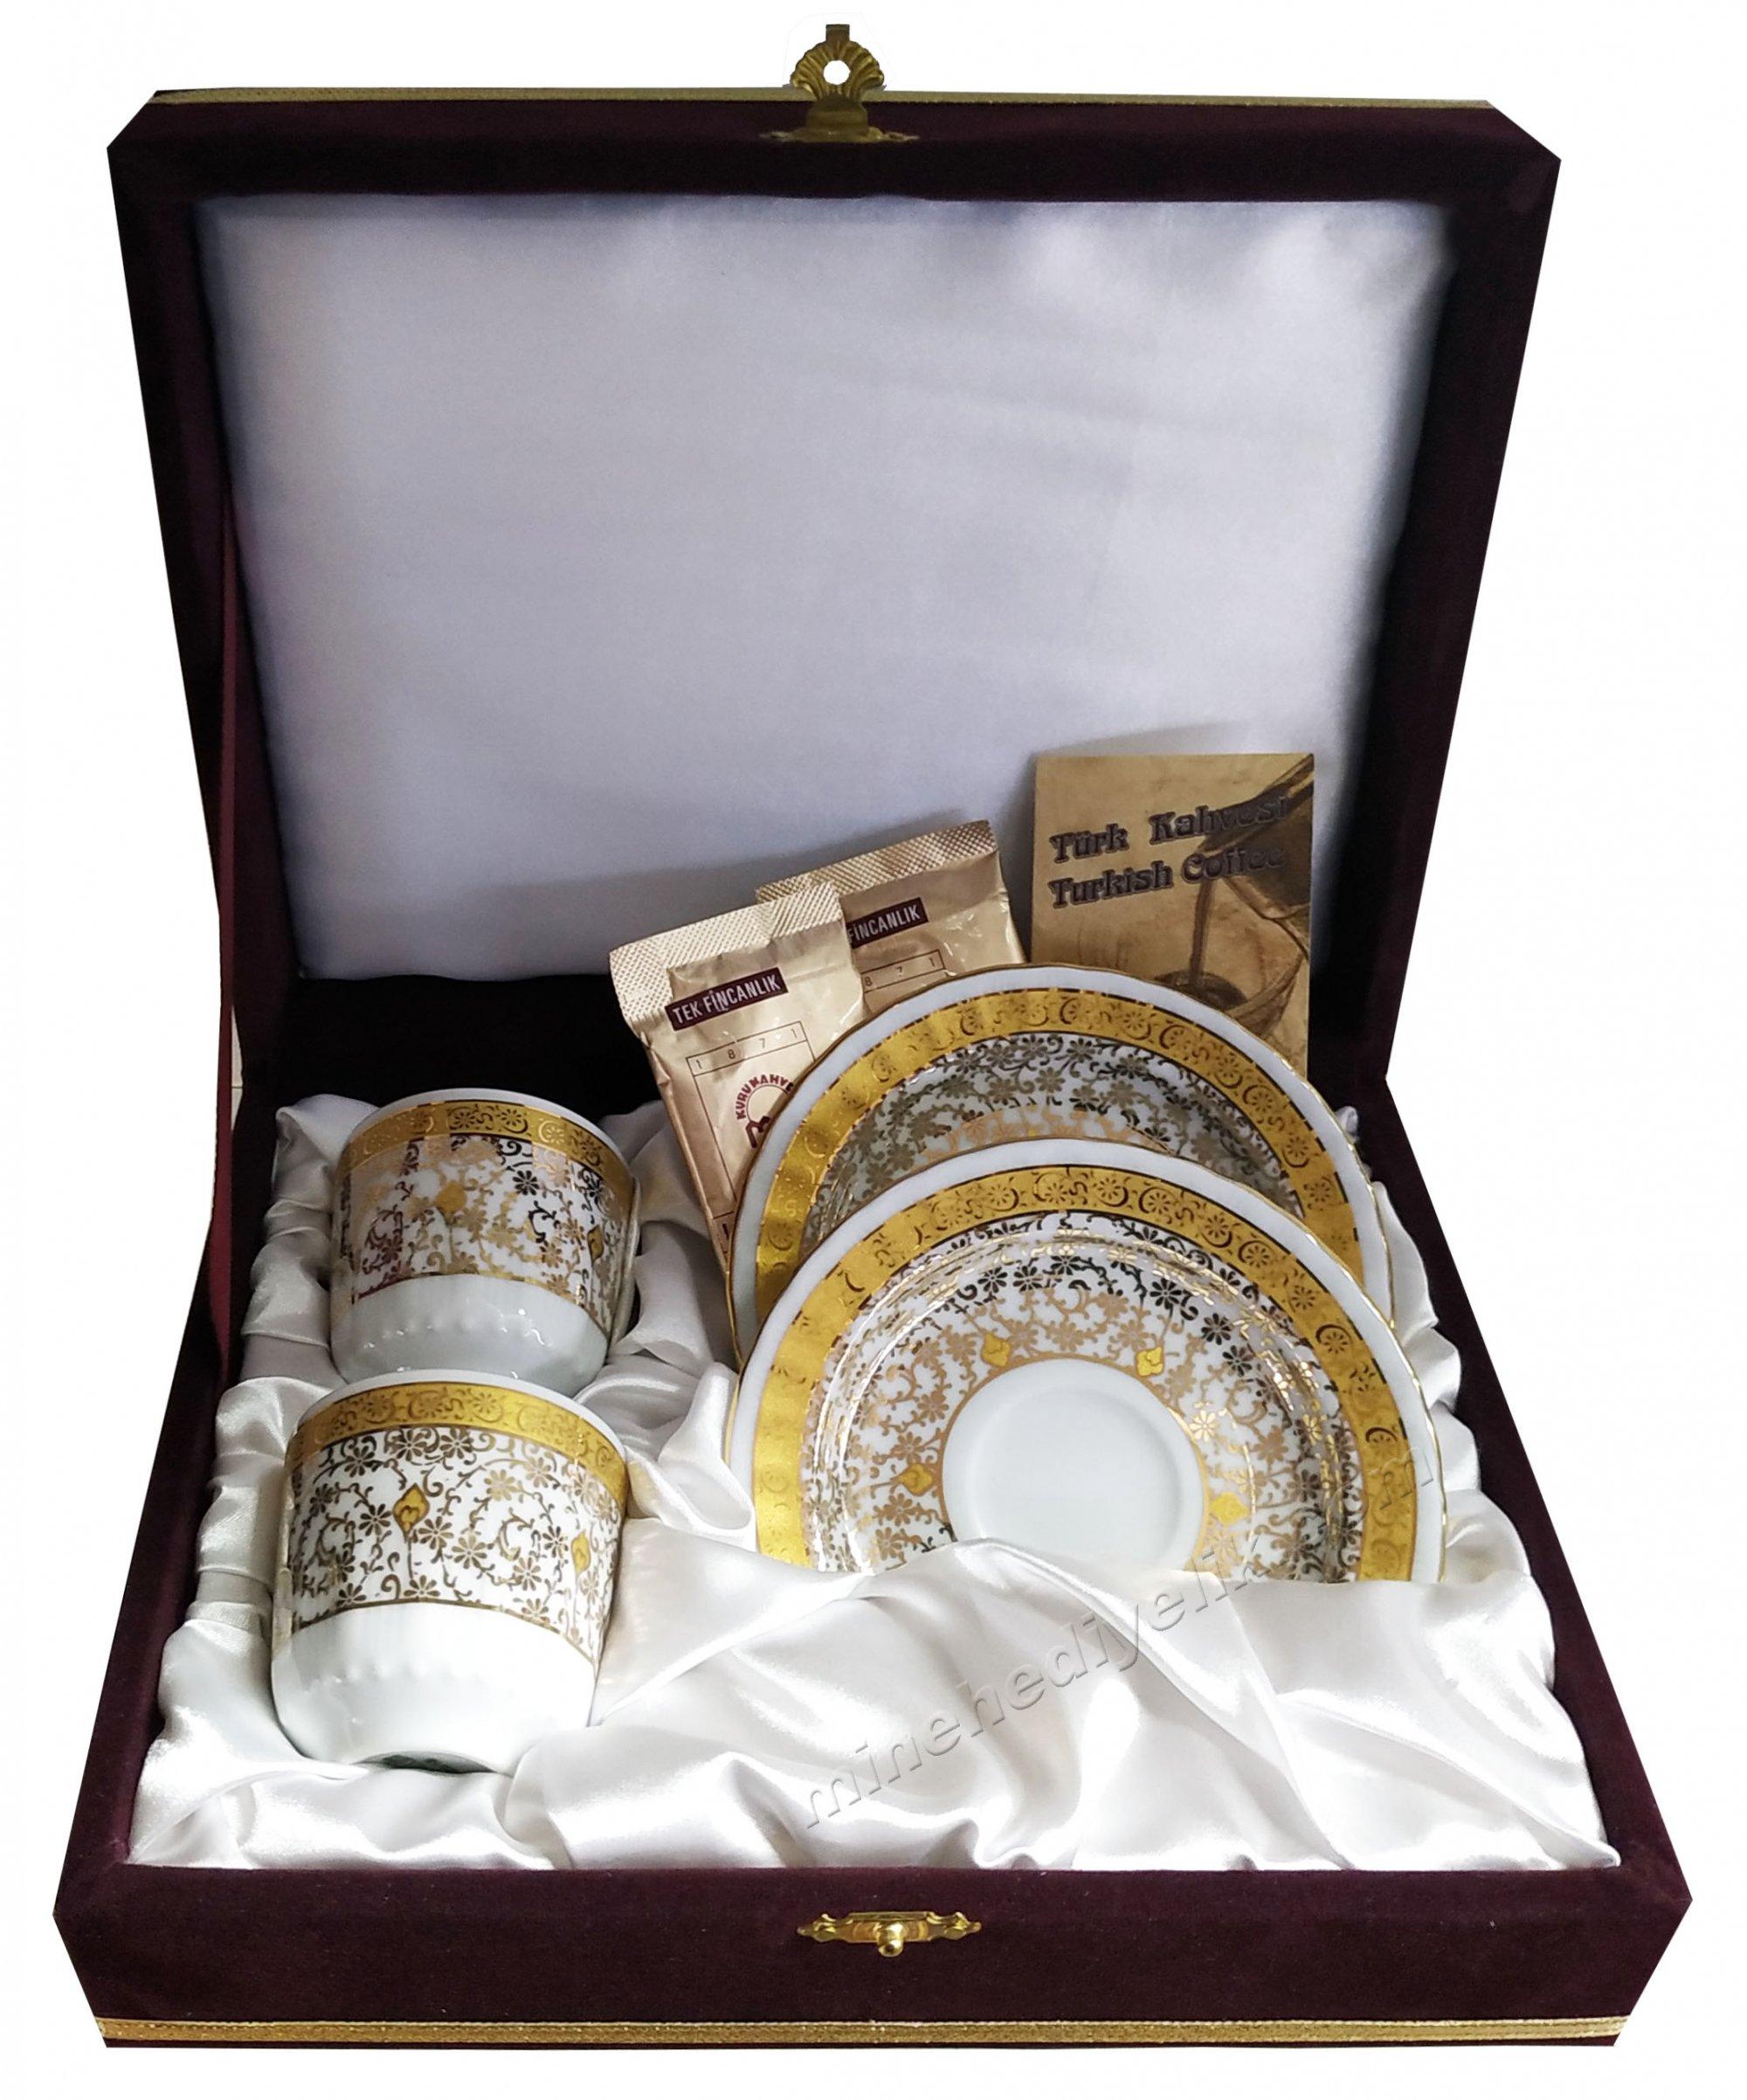 Kaliteli 2 Kişilik Çiftli Kahve Fincan Setleri Özel Tasarım Kutularda Yeni Model Fincanlar Altın Haliç Desenli